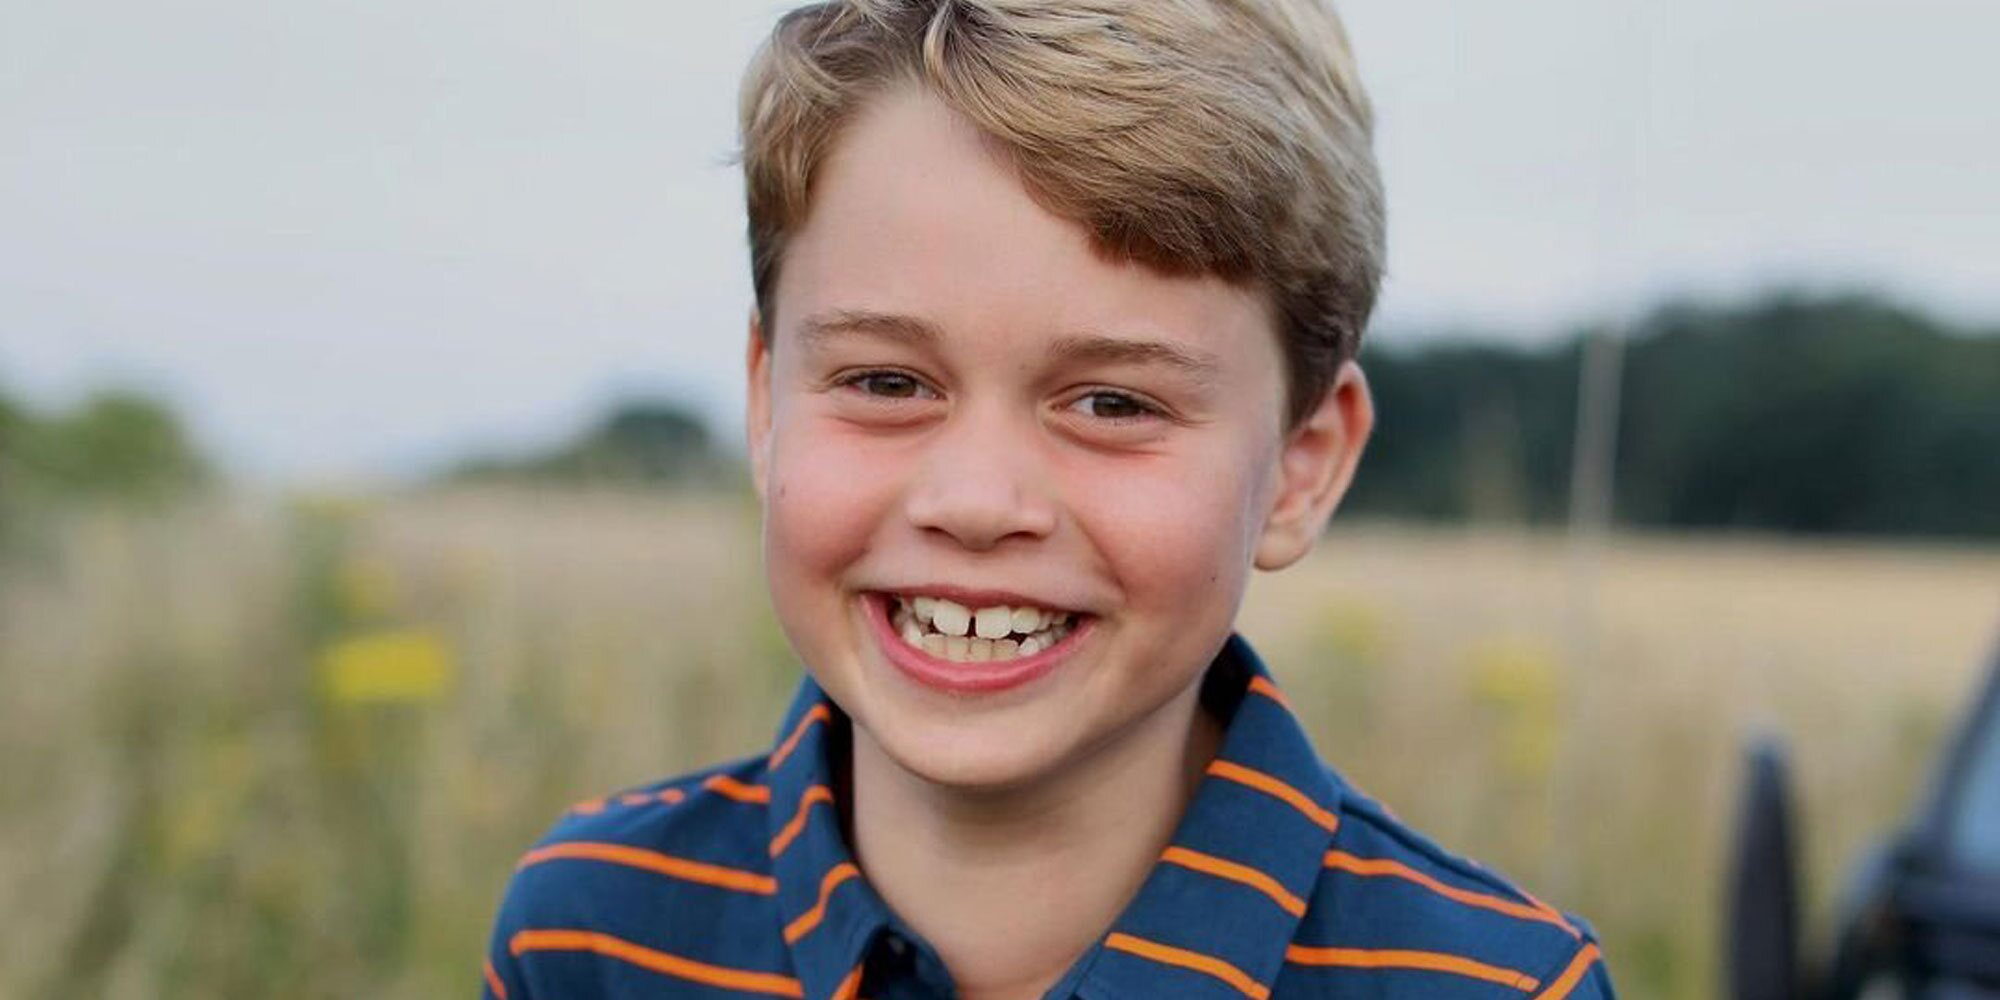 El Príncipe Jorge celebra su 8 cumpleaños: sonrisas, campo y un homenaje al Duque de Edimburgo